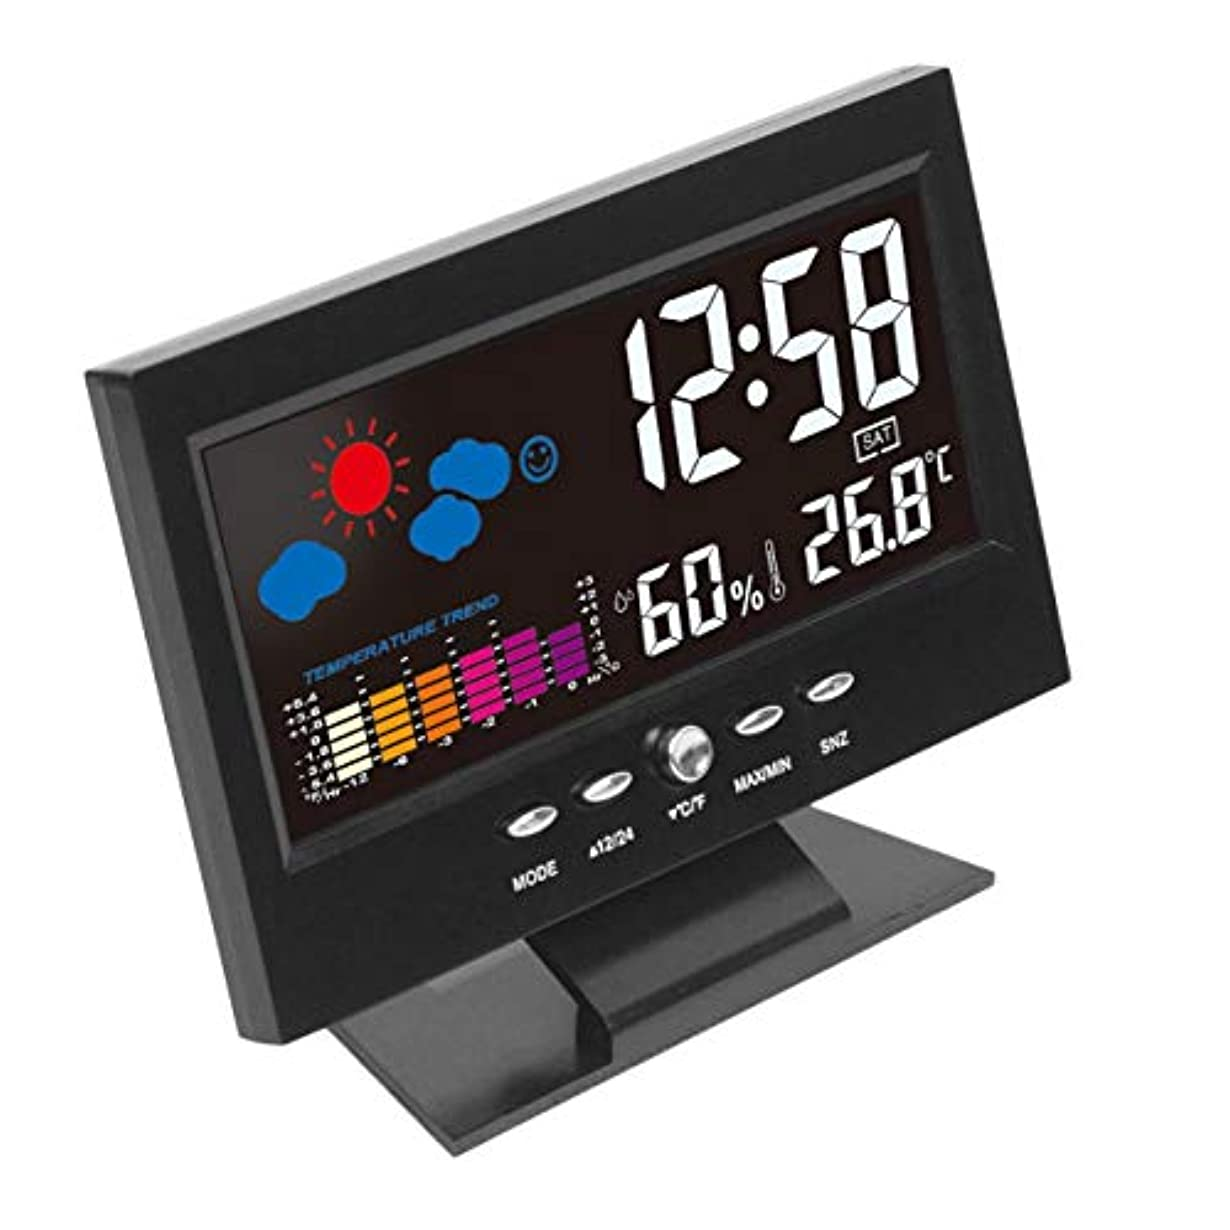 スプレーチャップガラスSaikogoods 電子デジタルLCD 温度湿度モニター時計 温度計湿度計 屋内ホーム 天気予報時??計 ブラック